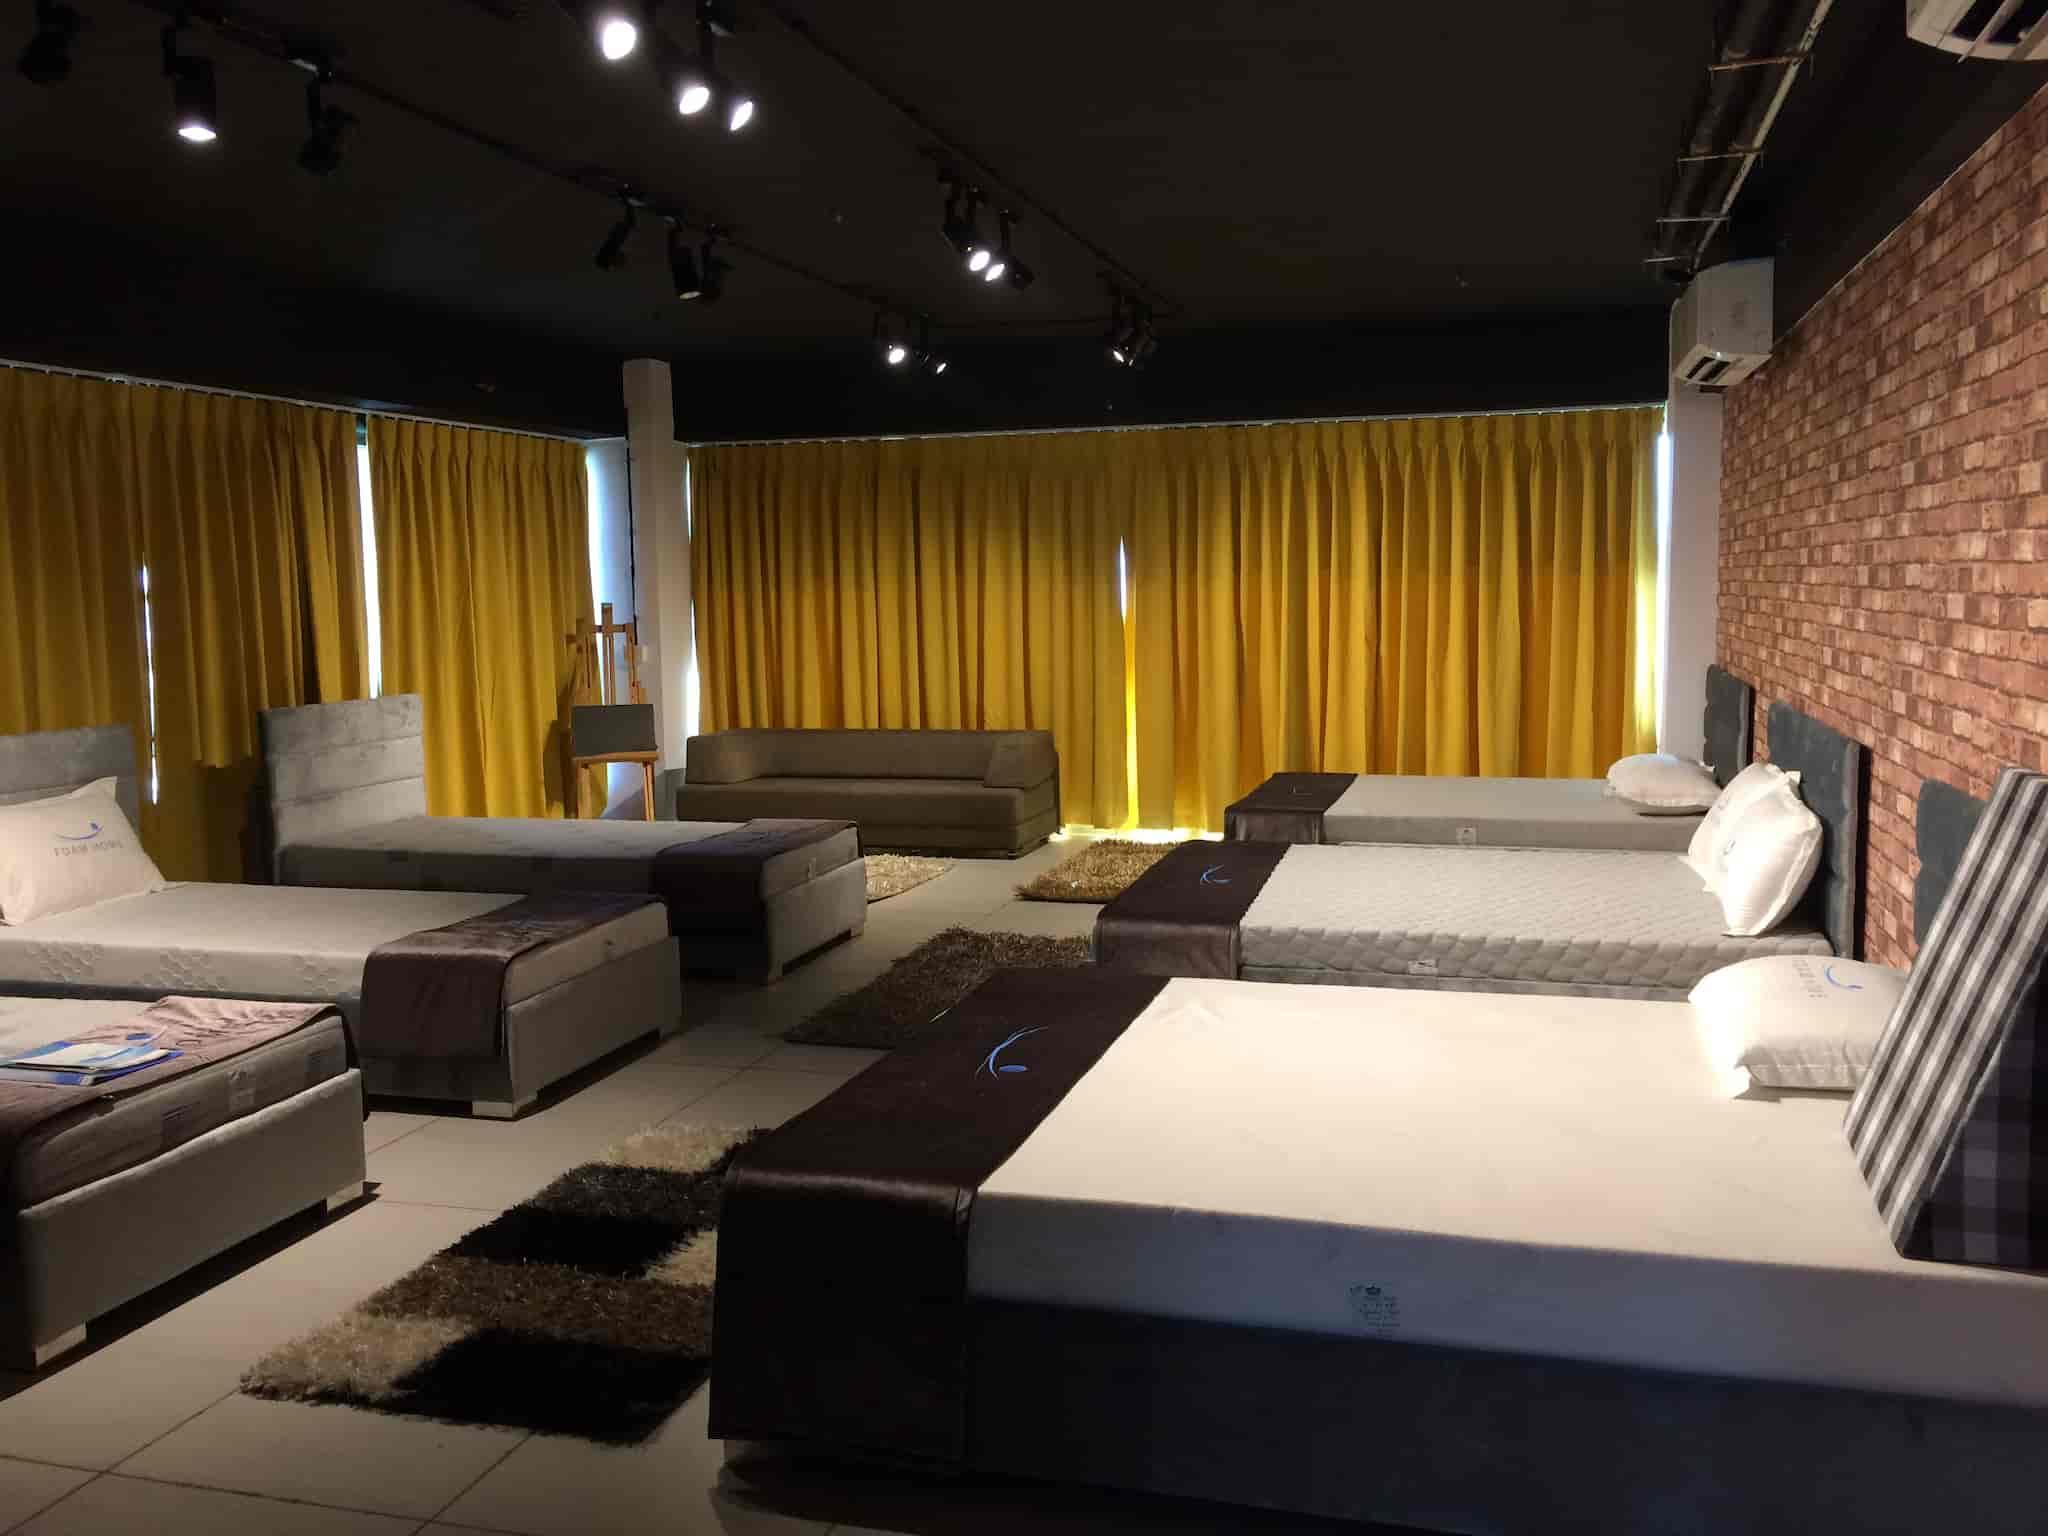 foam home piplod mattress dealers in surat justdial